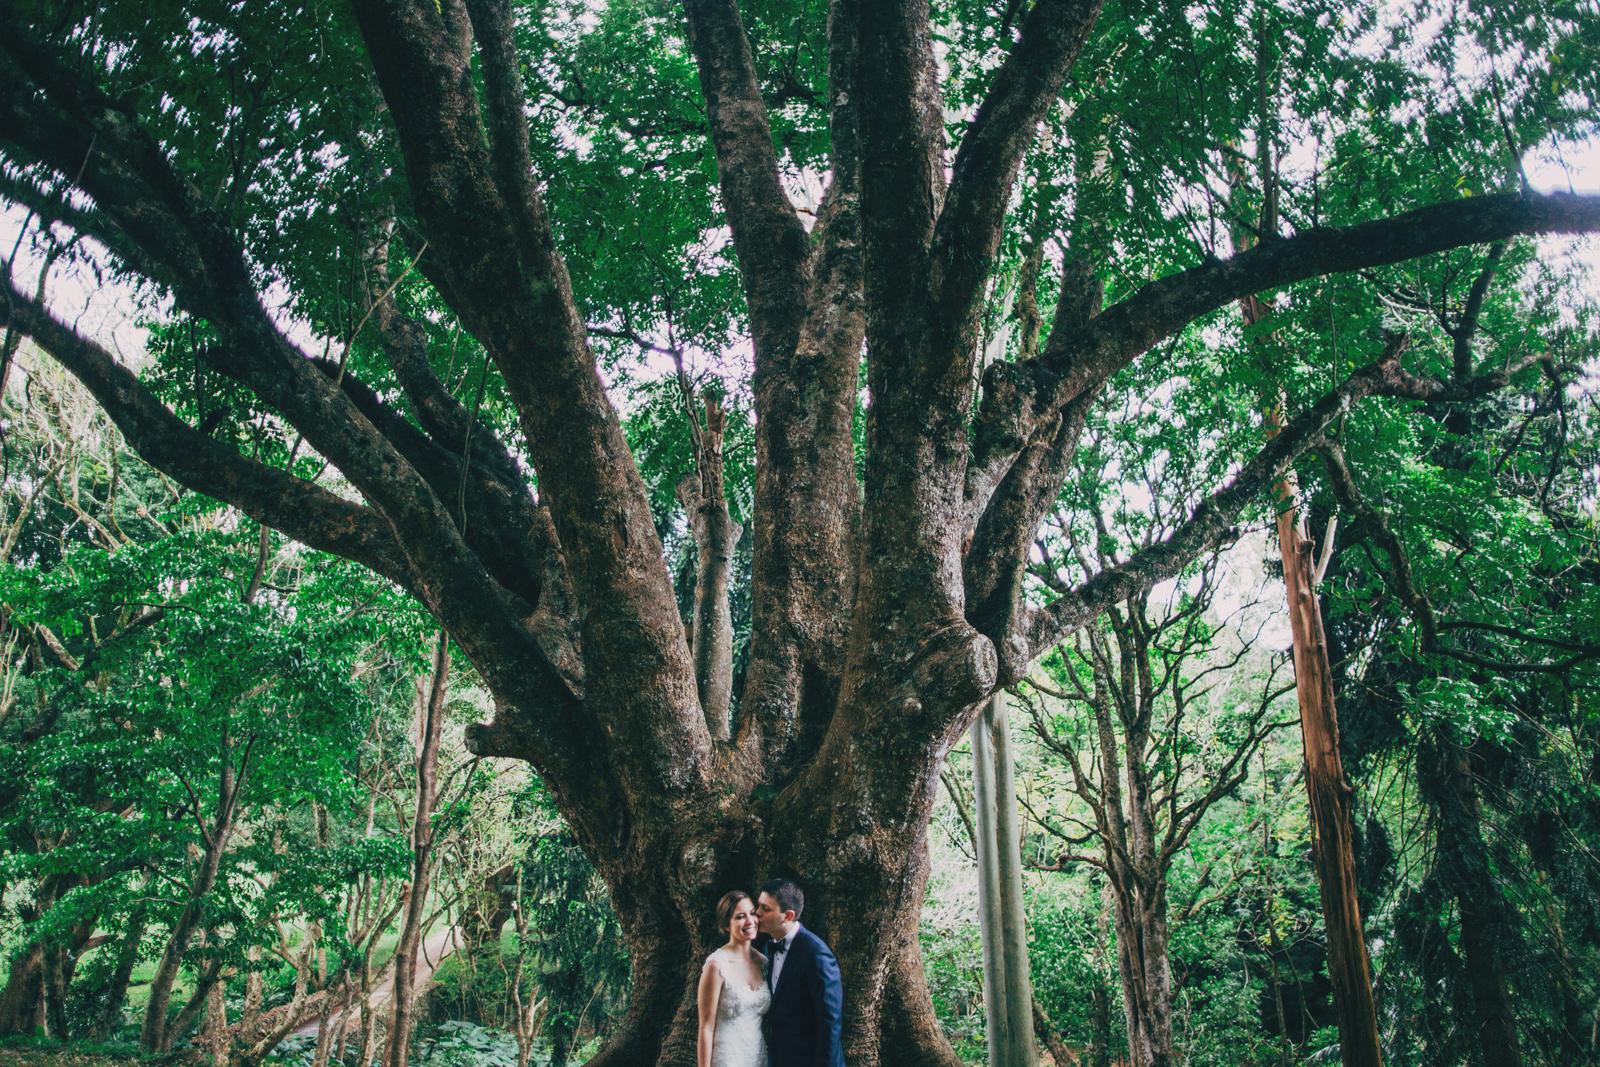 Hilary-&-Darren-Married---0575